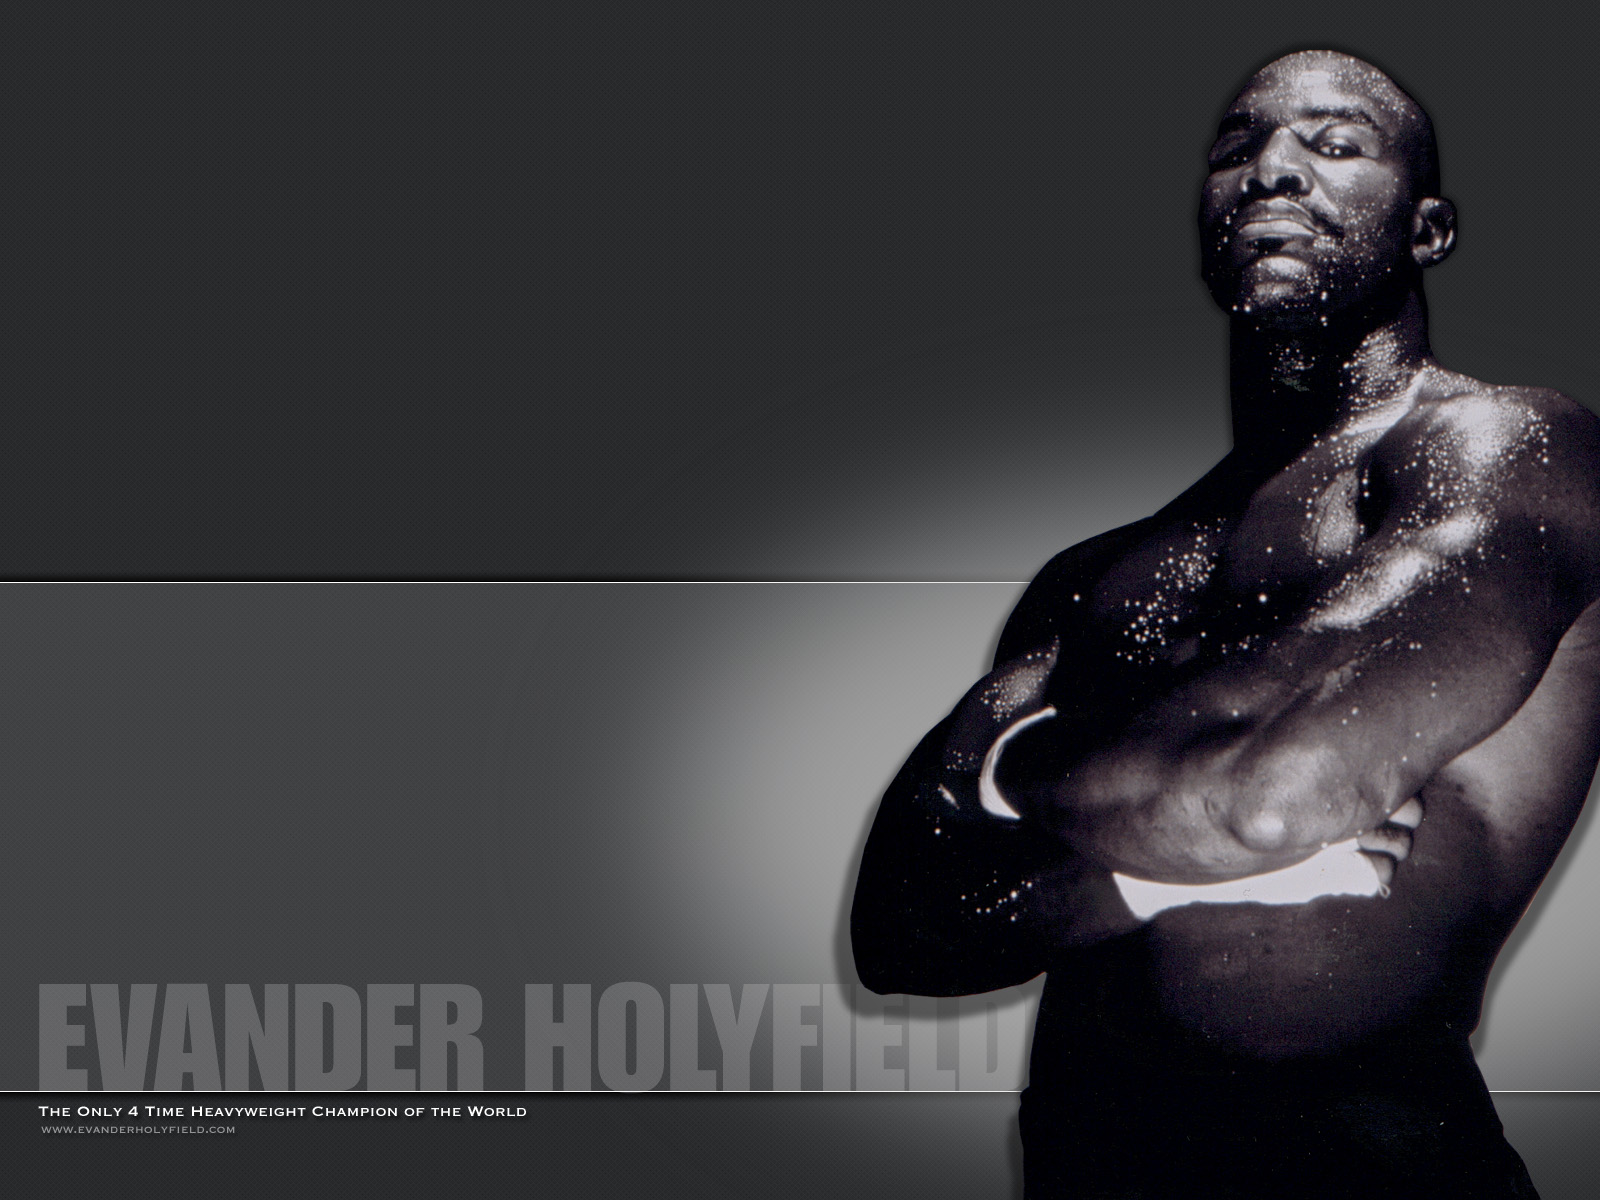 http://4.bp.blogspot.com/-a97iwtgTPXI/Tig66QroyZI/AAAAAAAAAig/H1cMrGirIdY/s1600/evander-holyfield-champion.jpg